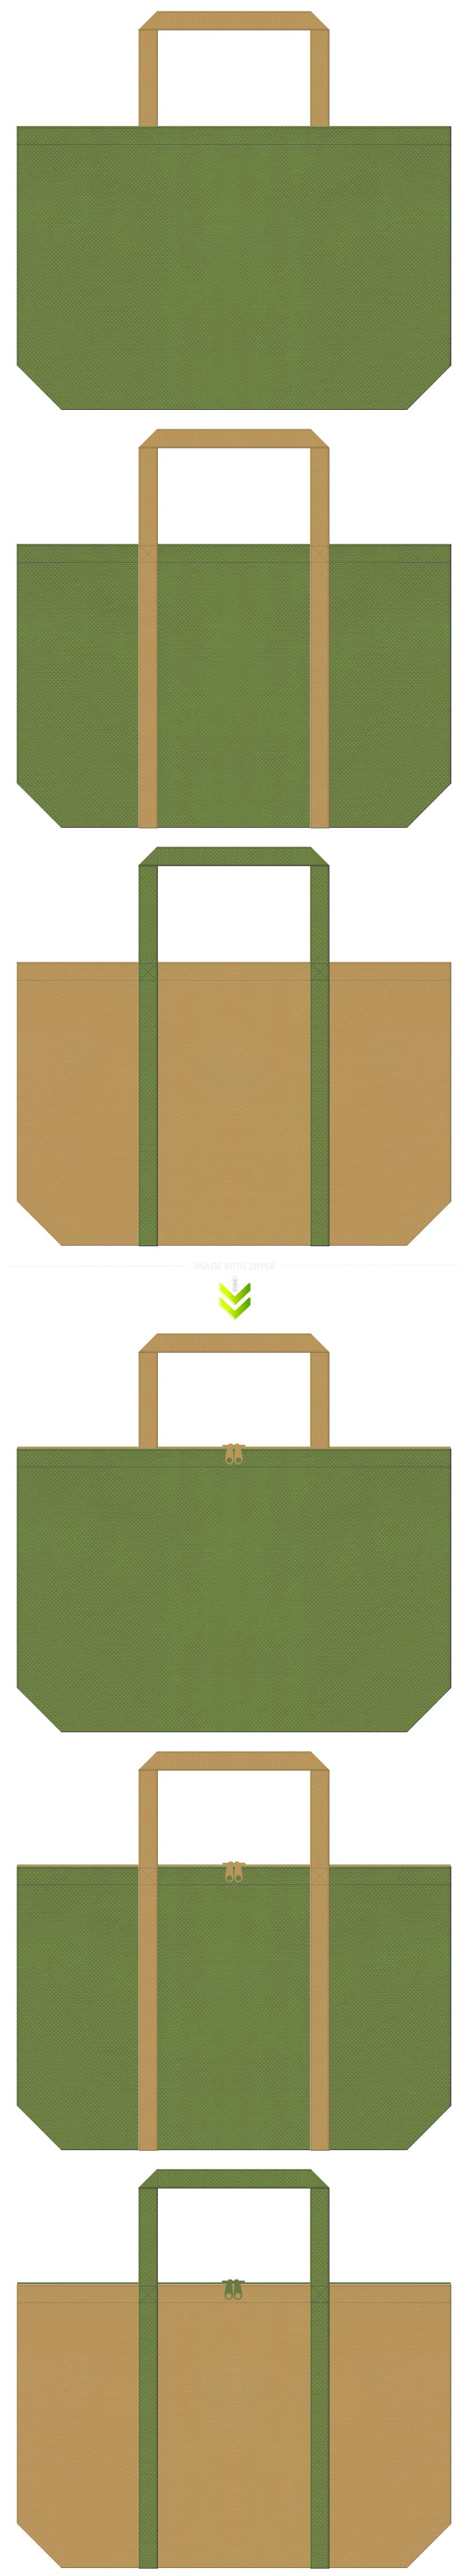 草色と金色系黄土色の不織布バッグデザイン。樽・桶・籠・江戸時代のイメージや、お城イベントのノベルティにお奨めです。